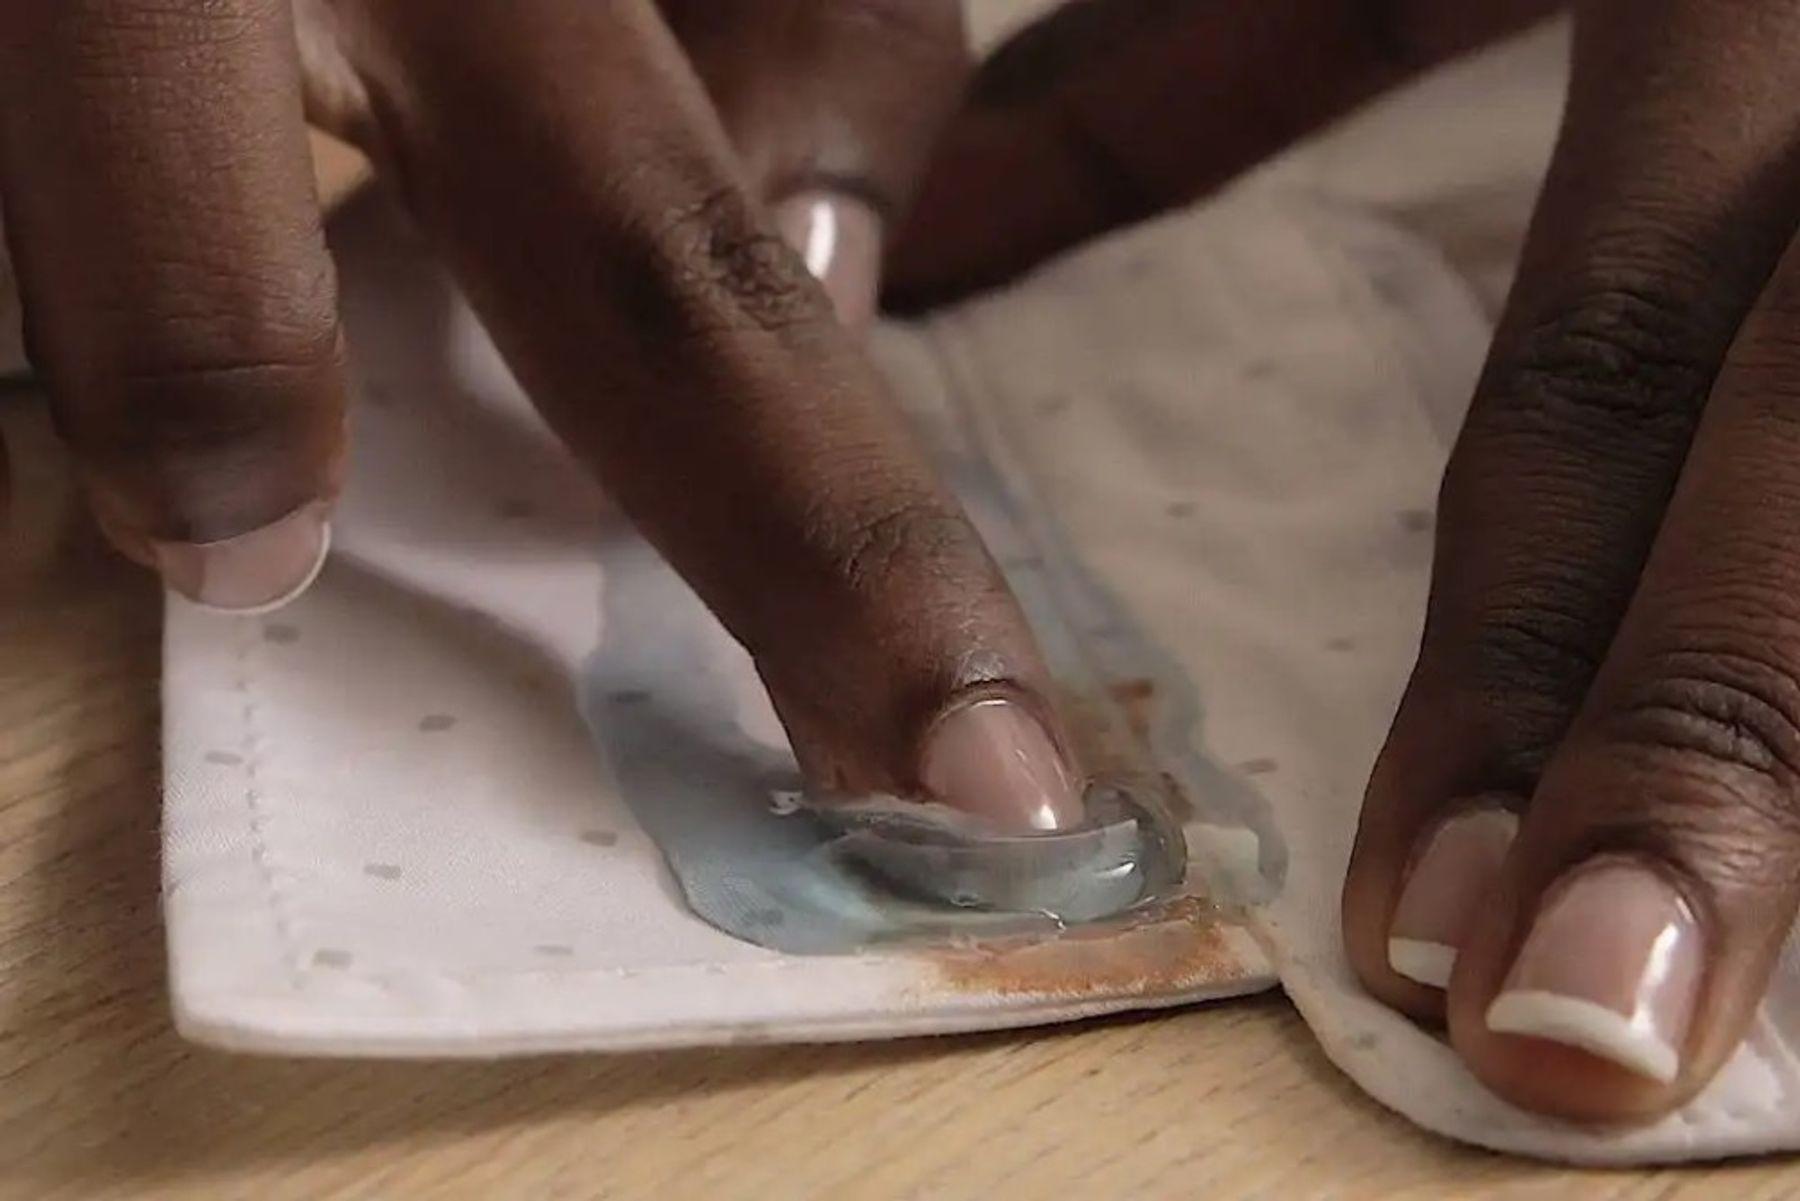 fondöten lekesi kumaştan nasıl çıkar